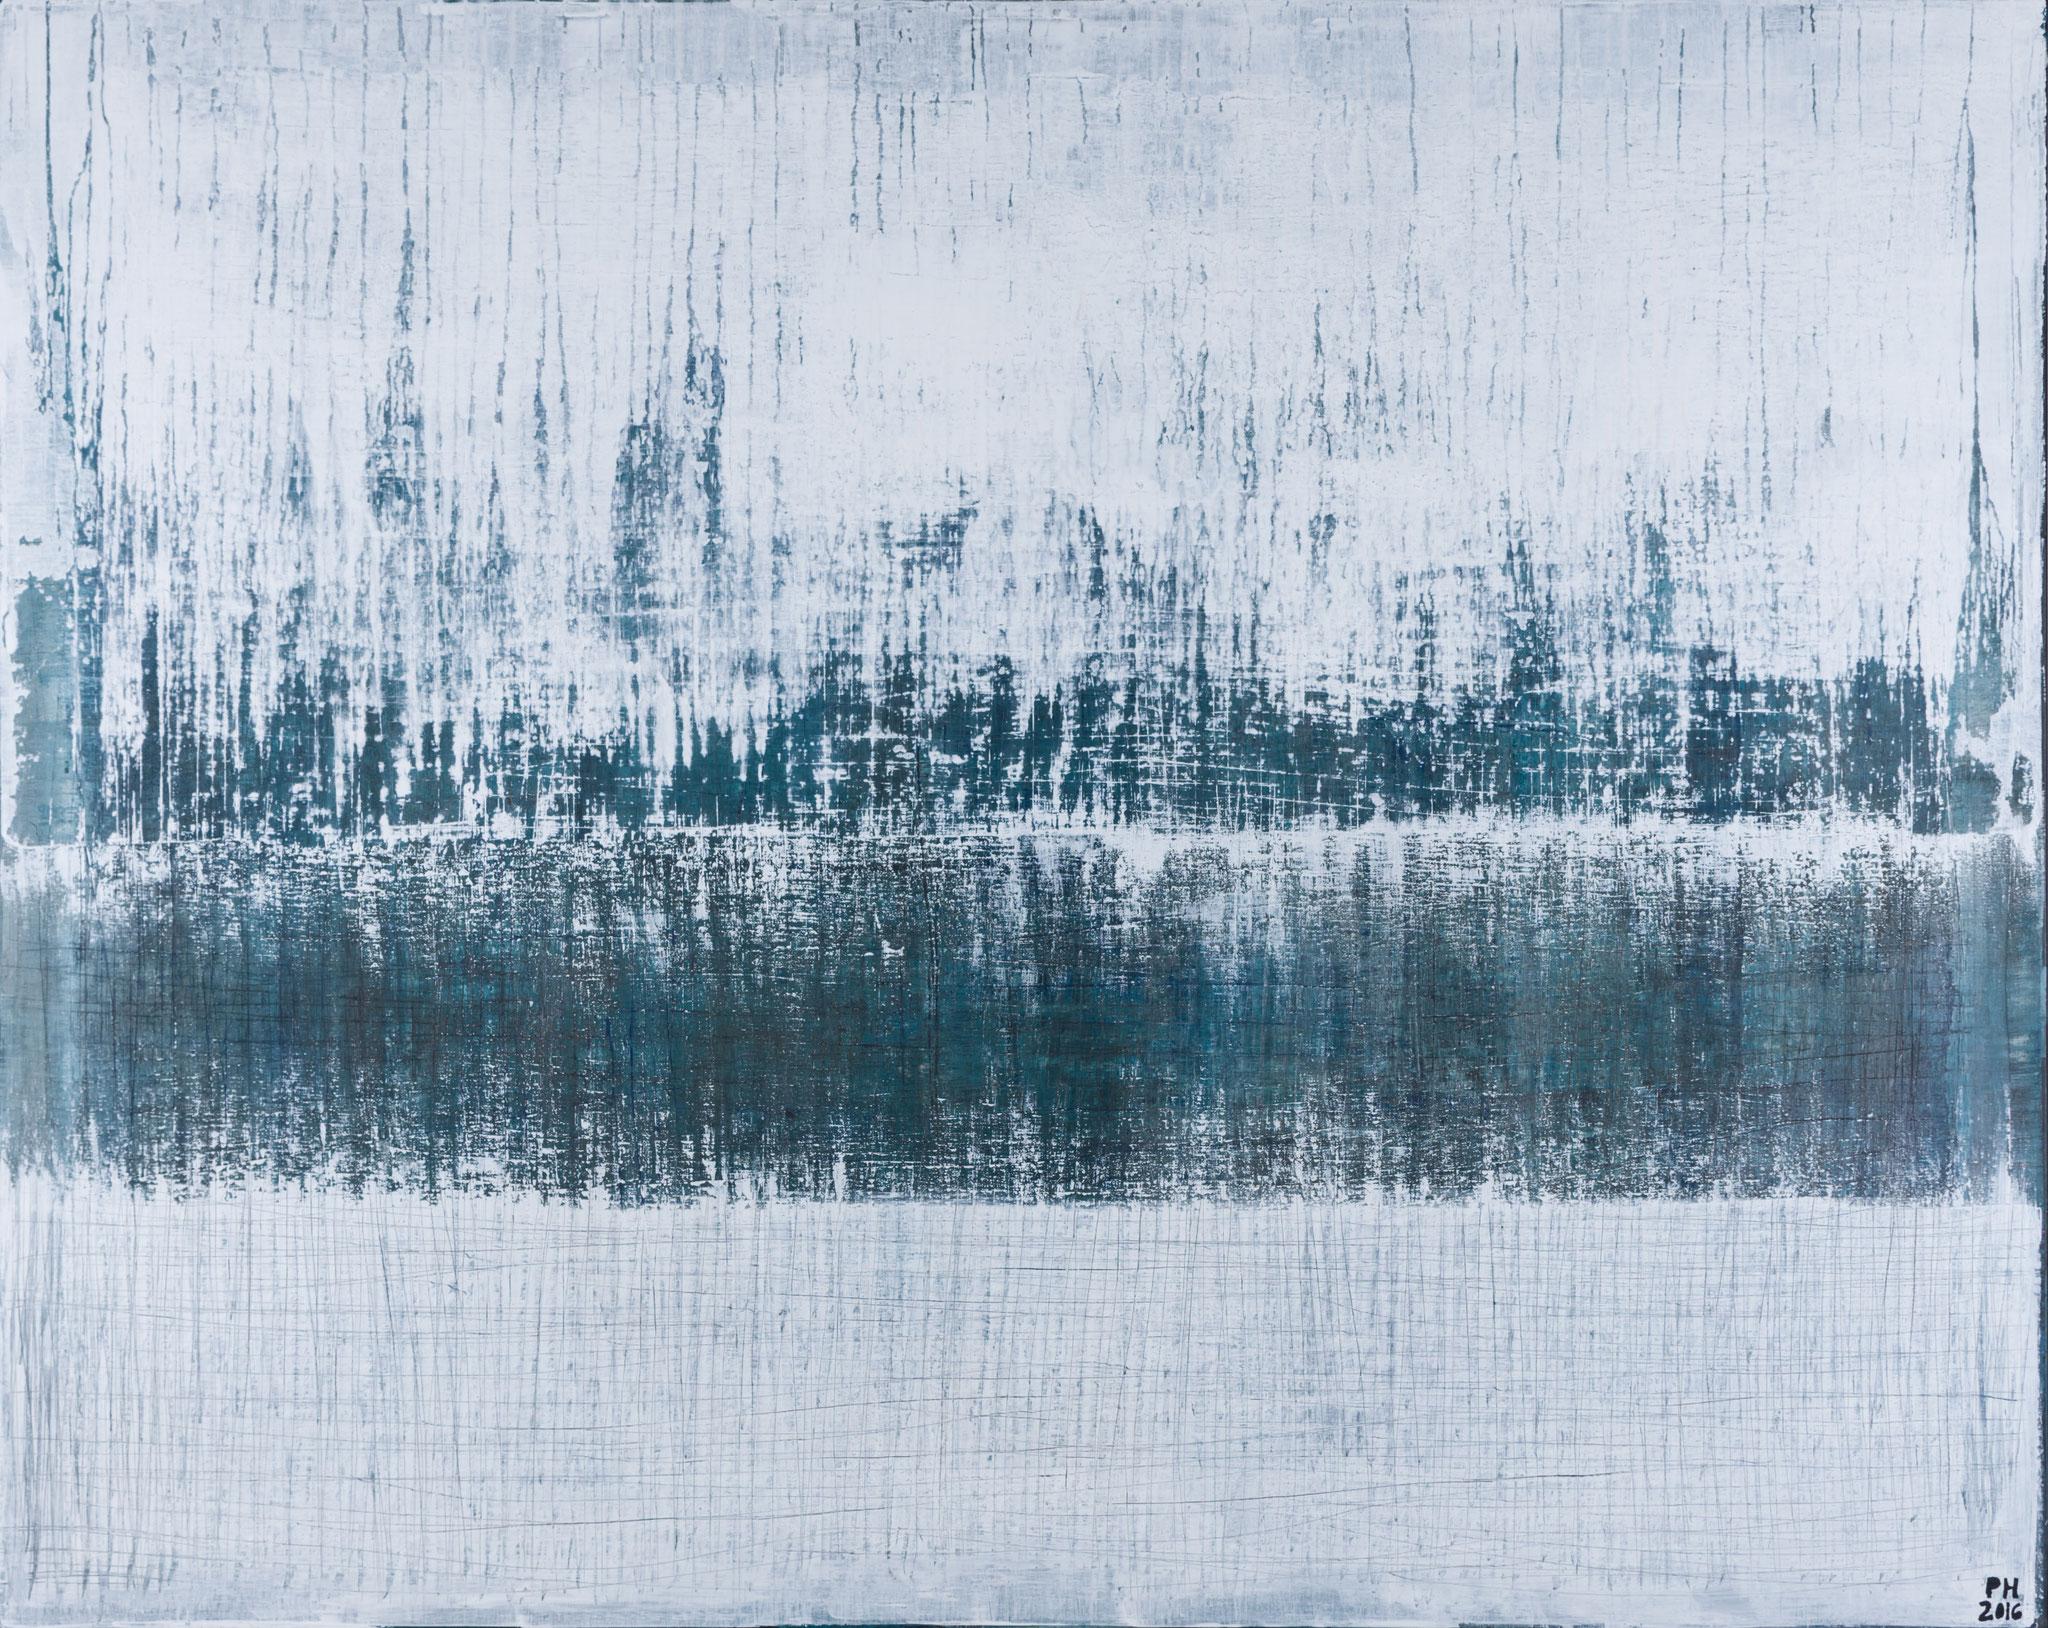 No. 78 - Mischtechnik Acryl auf Leinwand 150x120 cm (2016)